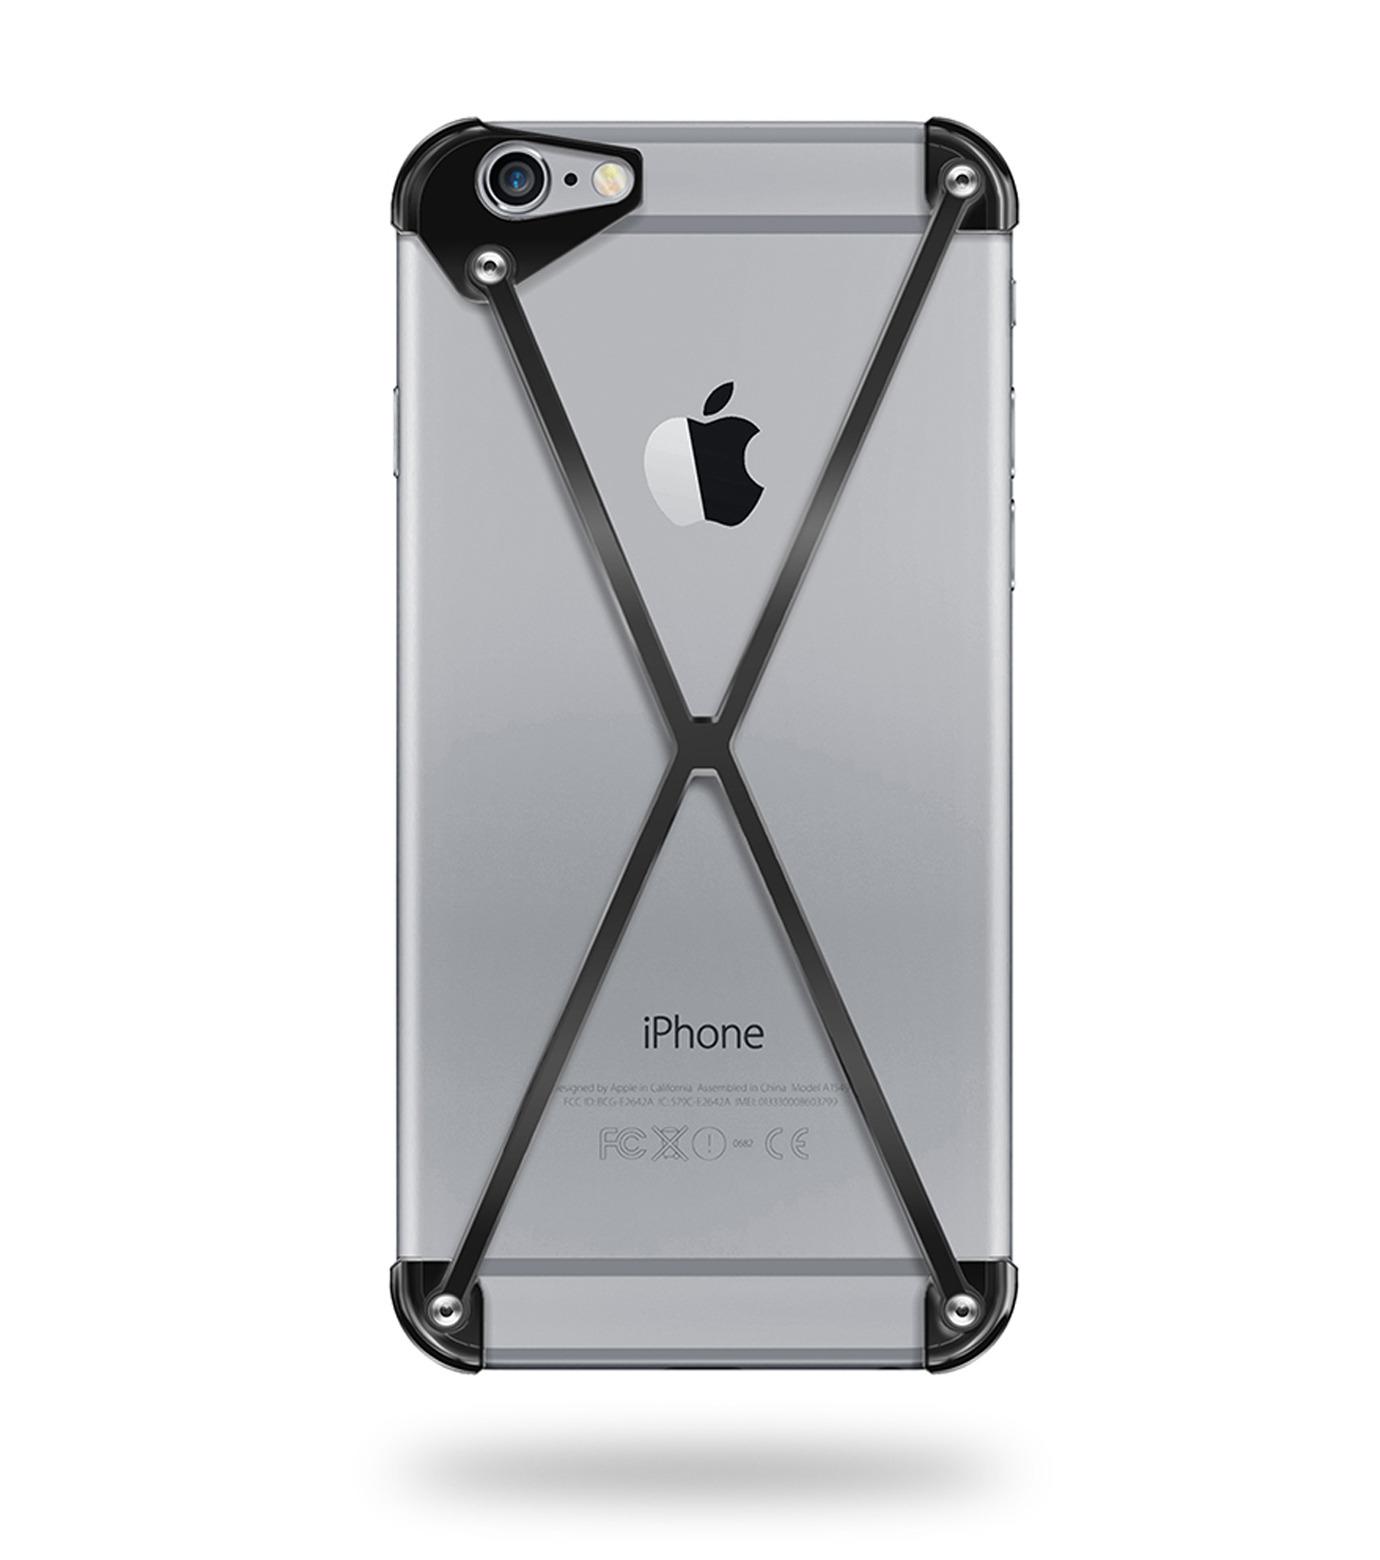 RADIUS(ラディウス)のRADIUS 6 PLUS All Slate-BLACK(ケースiphone6plus/6splus/case iphone6plus/6splus)-402202-AS-13 拡大詳細画像1